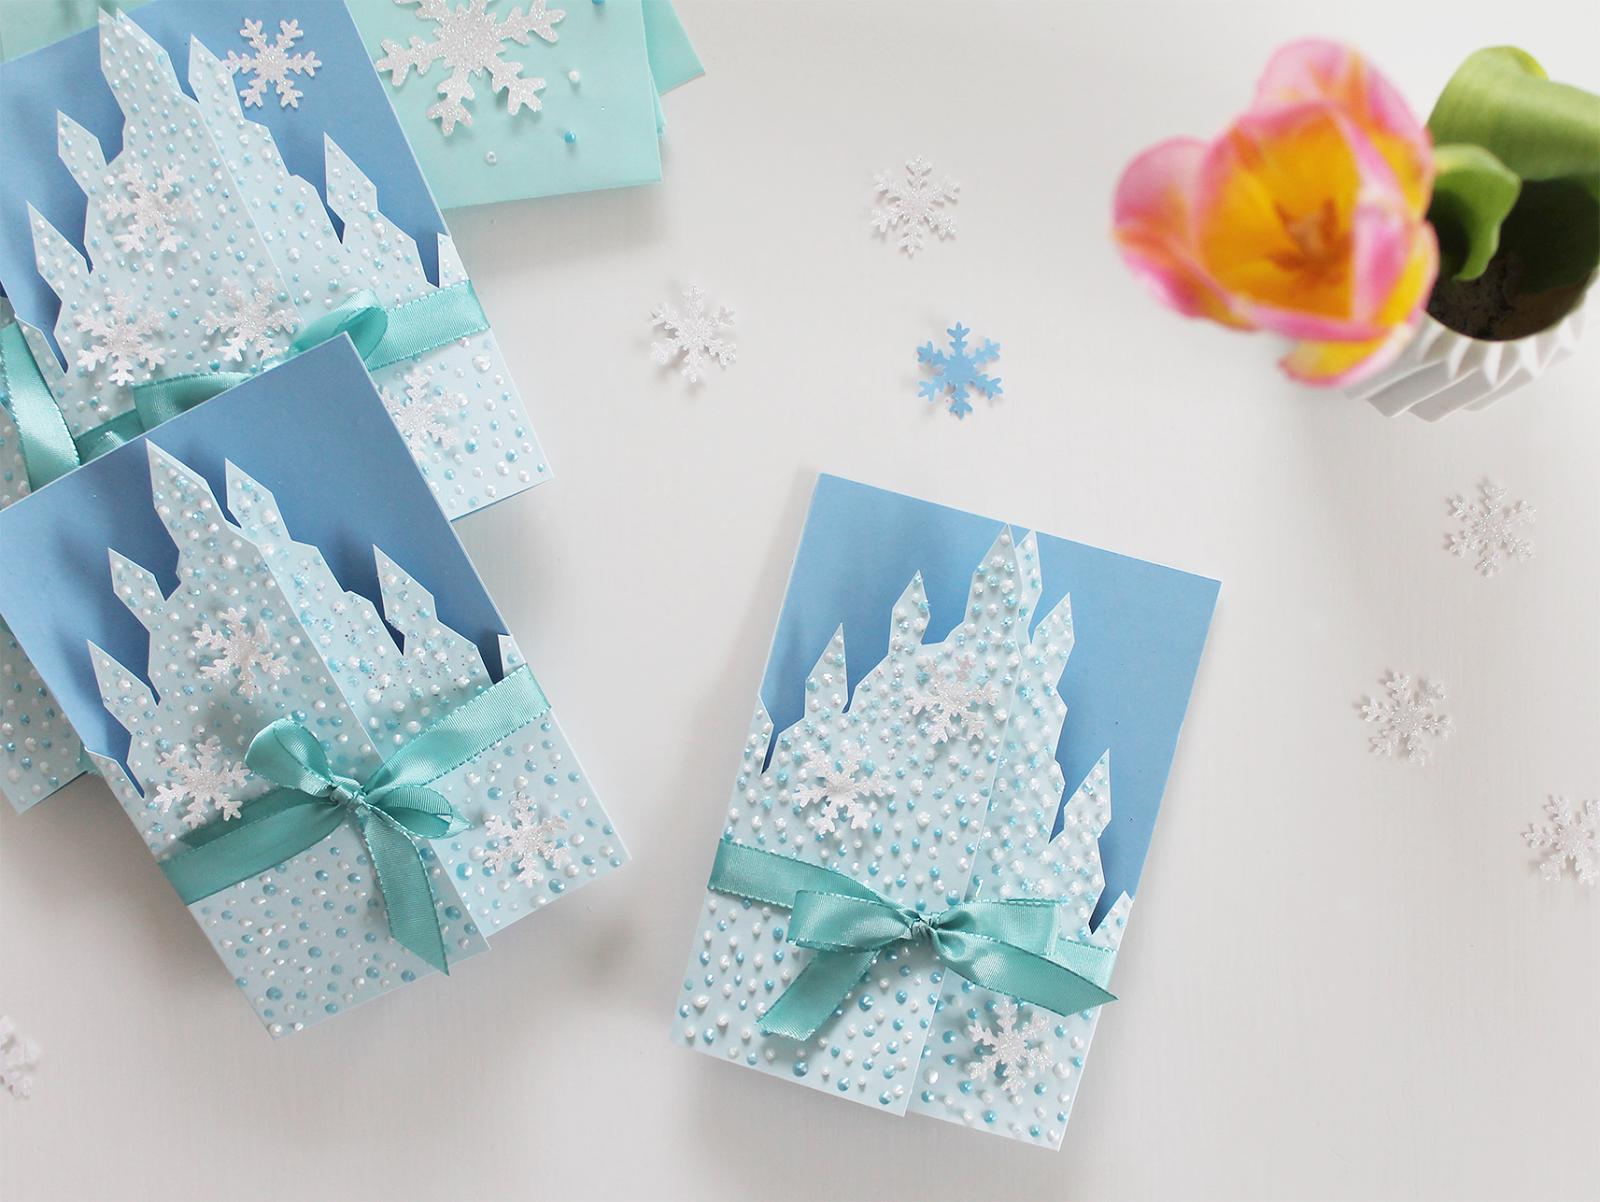 frost fødselsdags invitationer skabelon diy den kreative sky